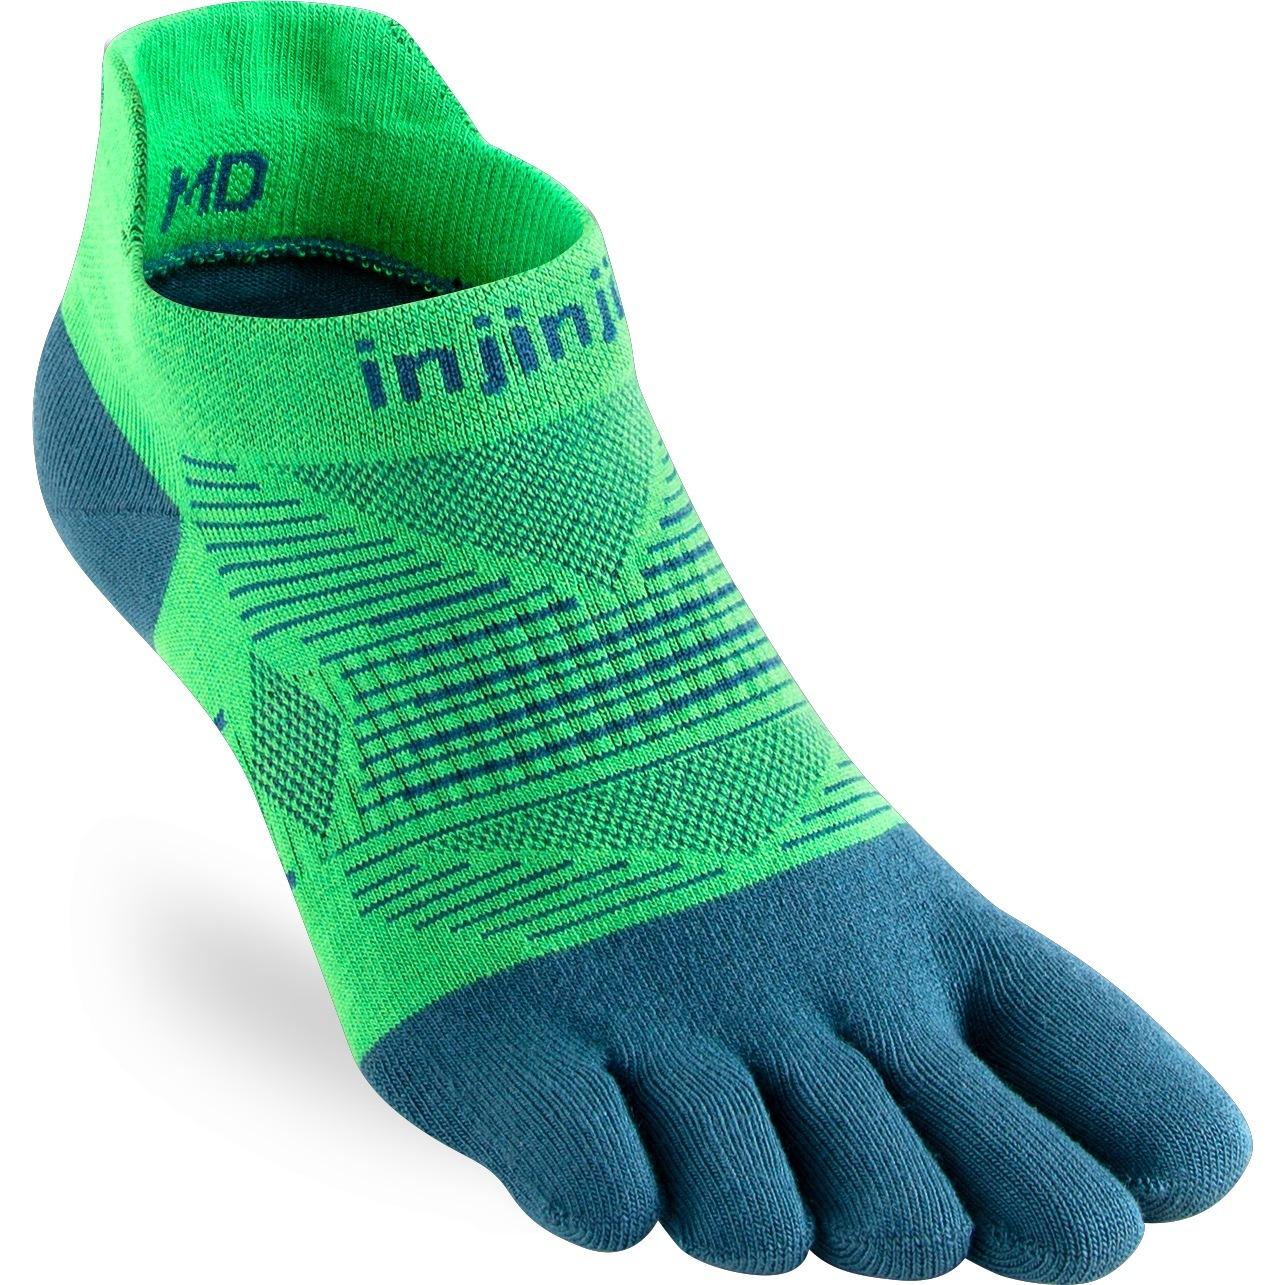 Produktbild von Injinji Run Lightweight No-Show Socken - isla